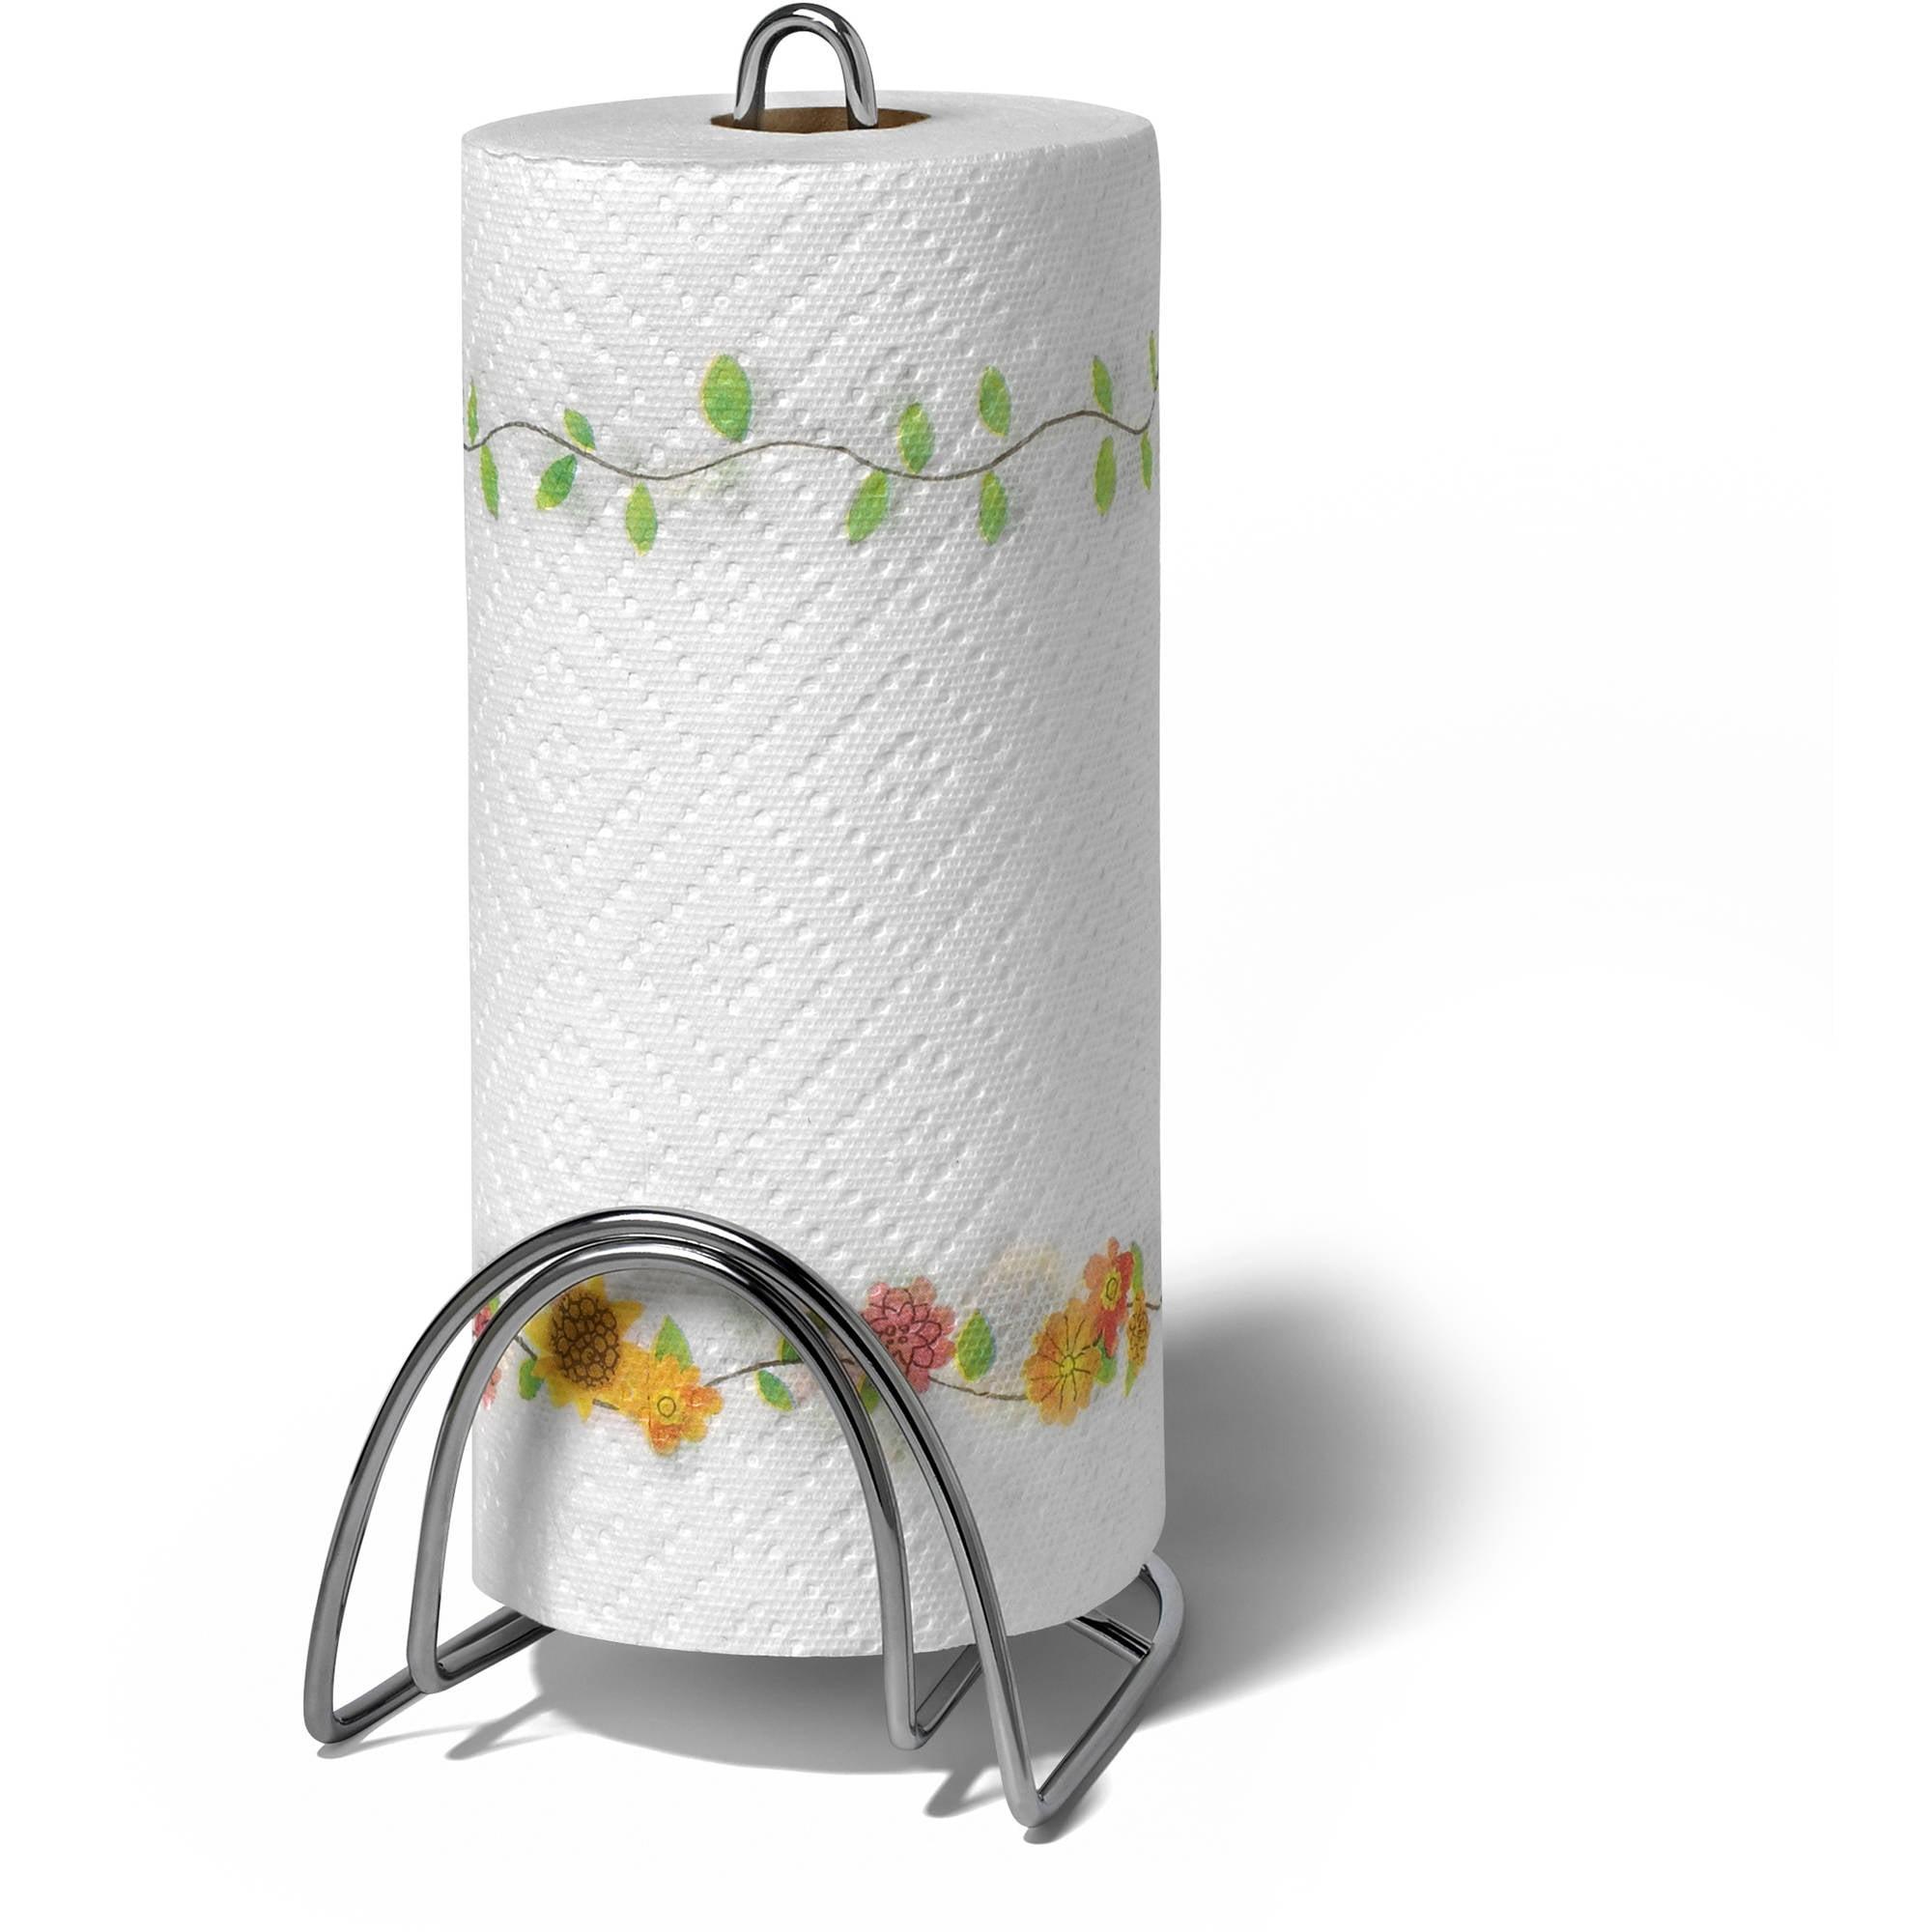 Spectrum St. Louis Classic Paper Towel Holder, Chrome